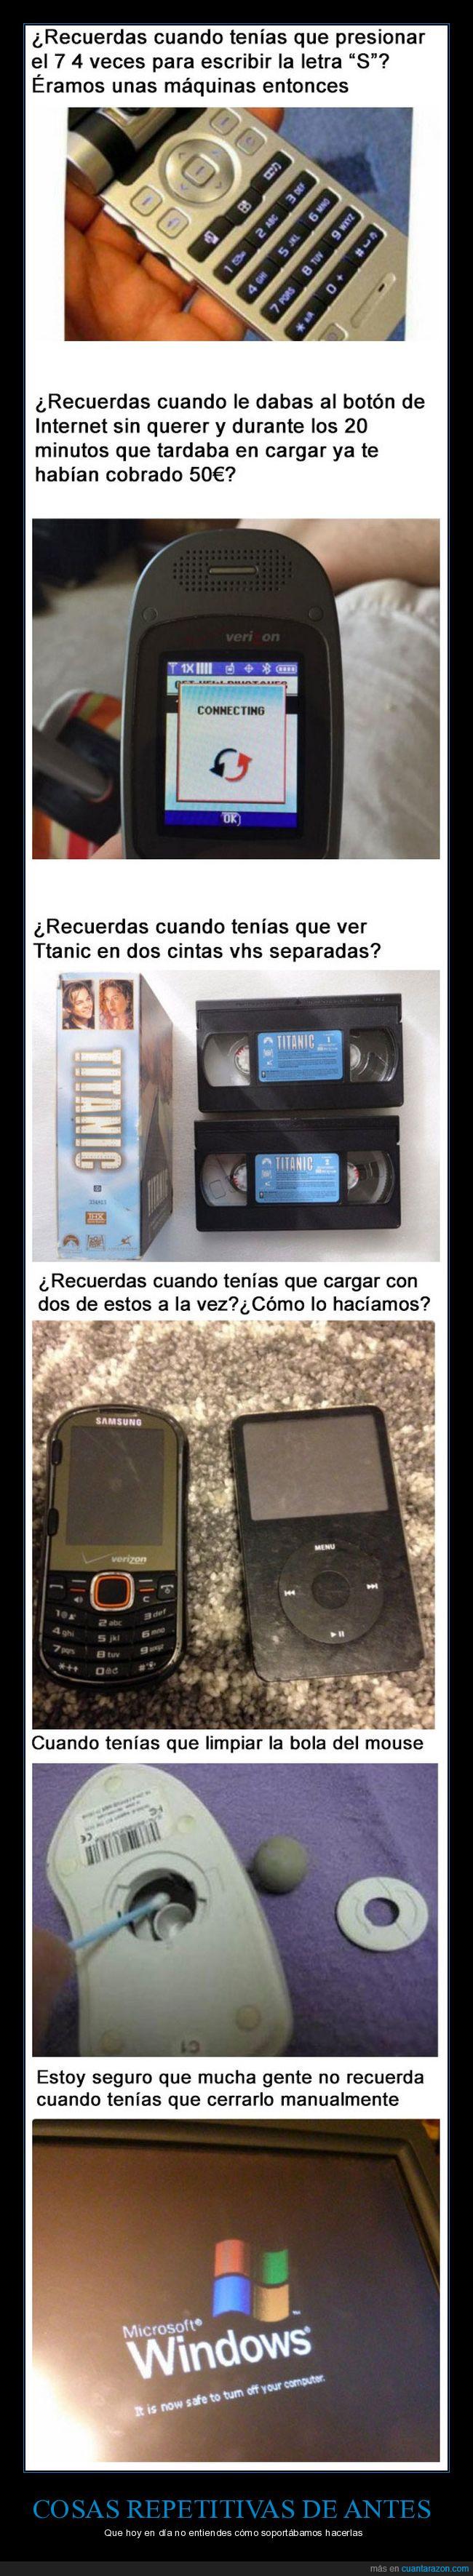 gadgets,nostalgia,pasado,tecnología